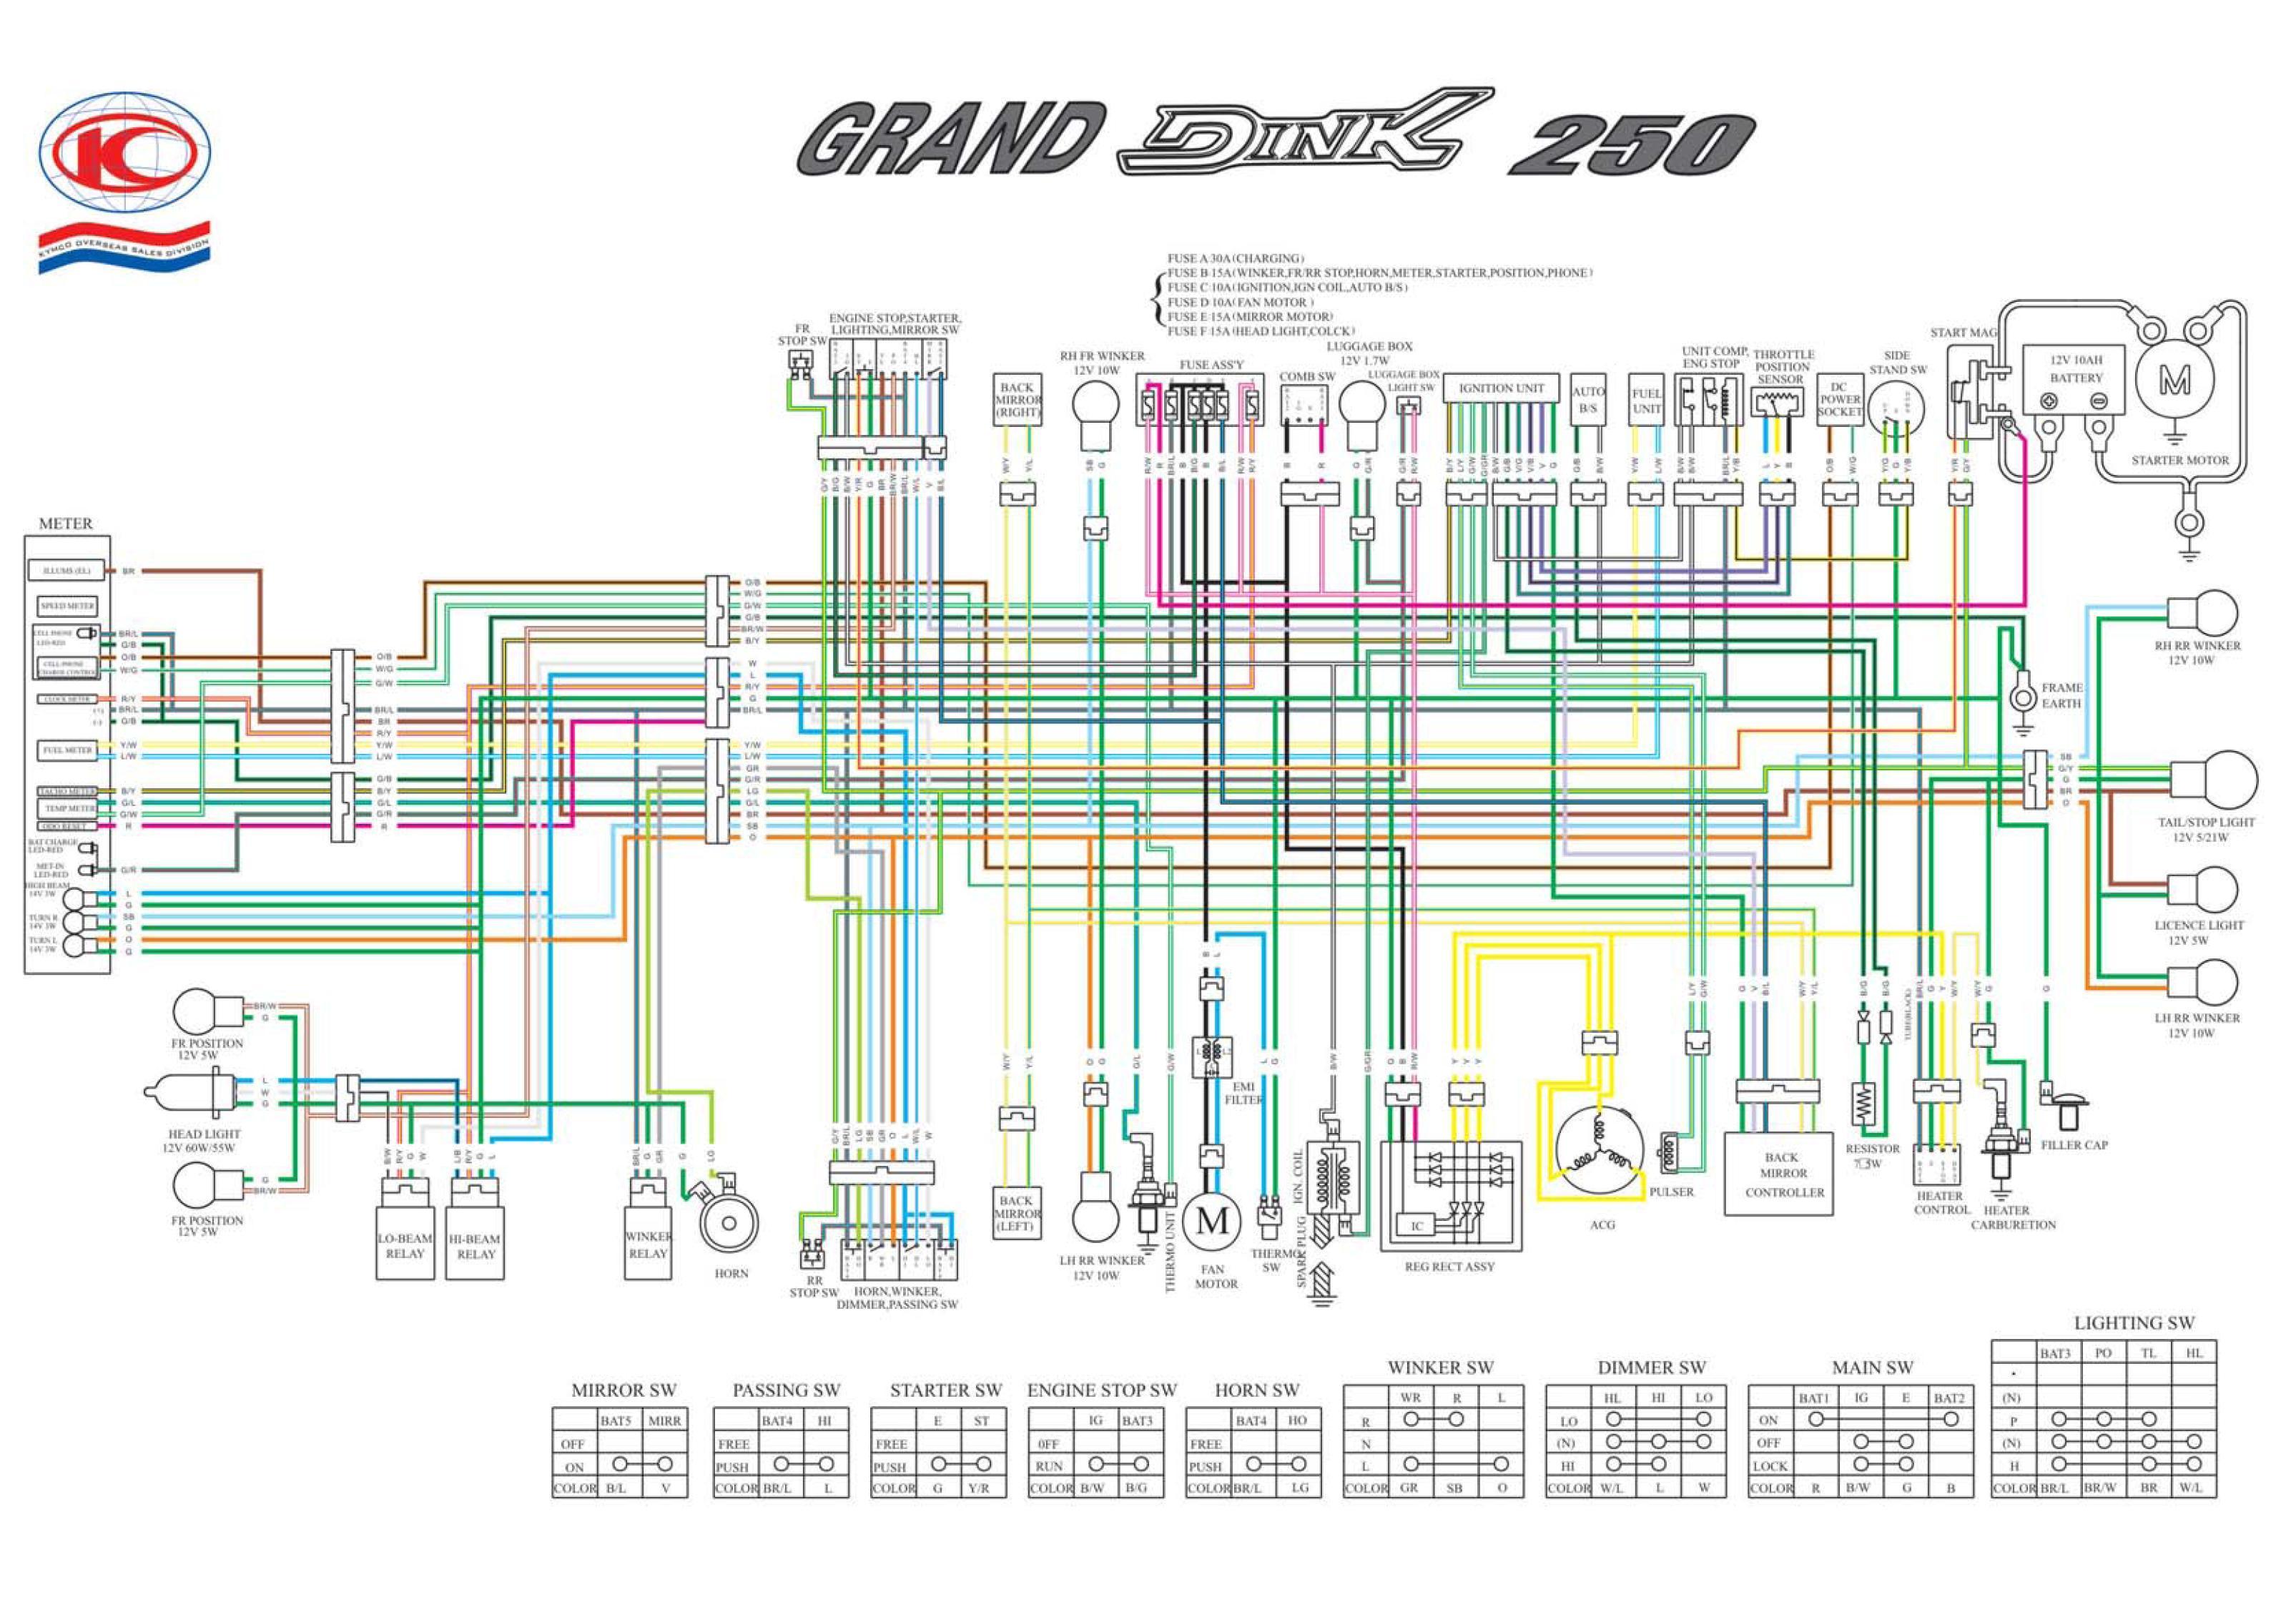 Схема электрооборудования скутеров Kymco Grand Dink 250 GD250